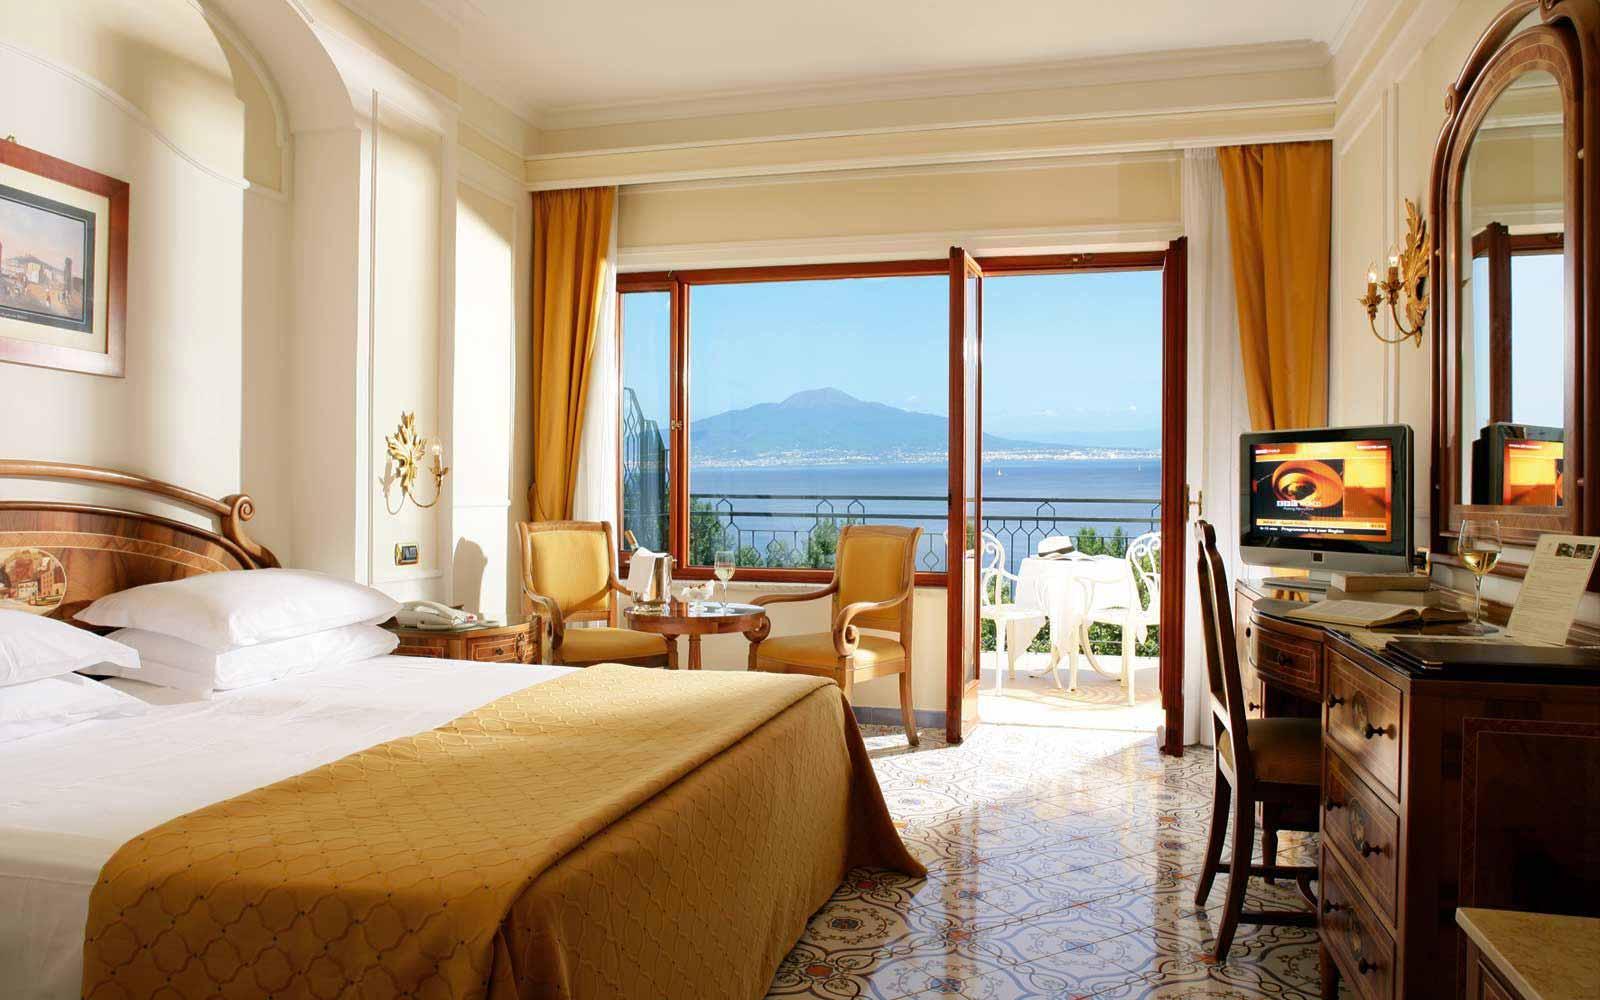 Standard sea view room at Grand Hotel de la Ville